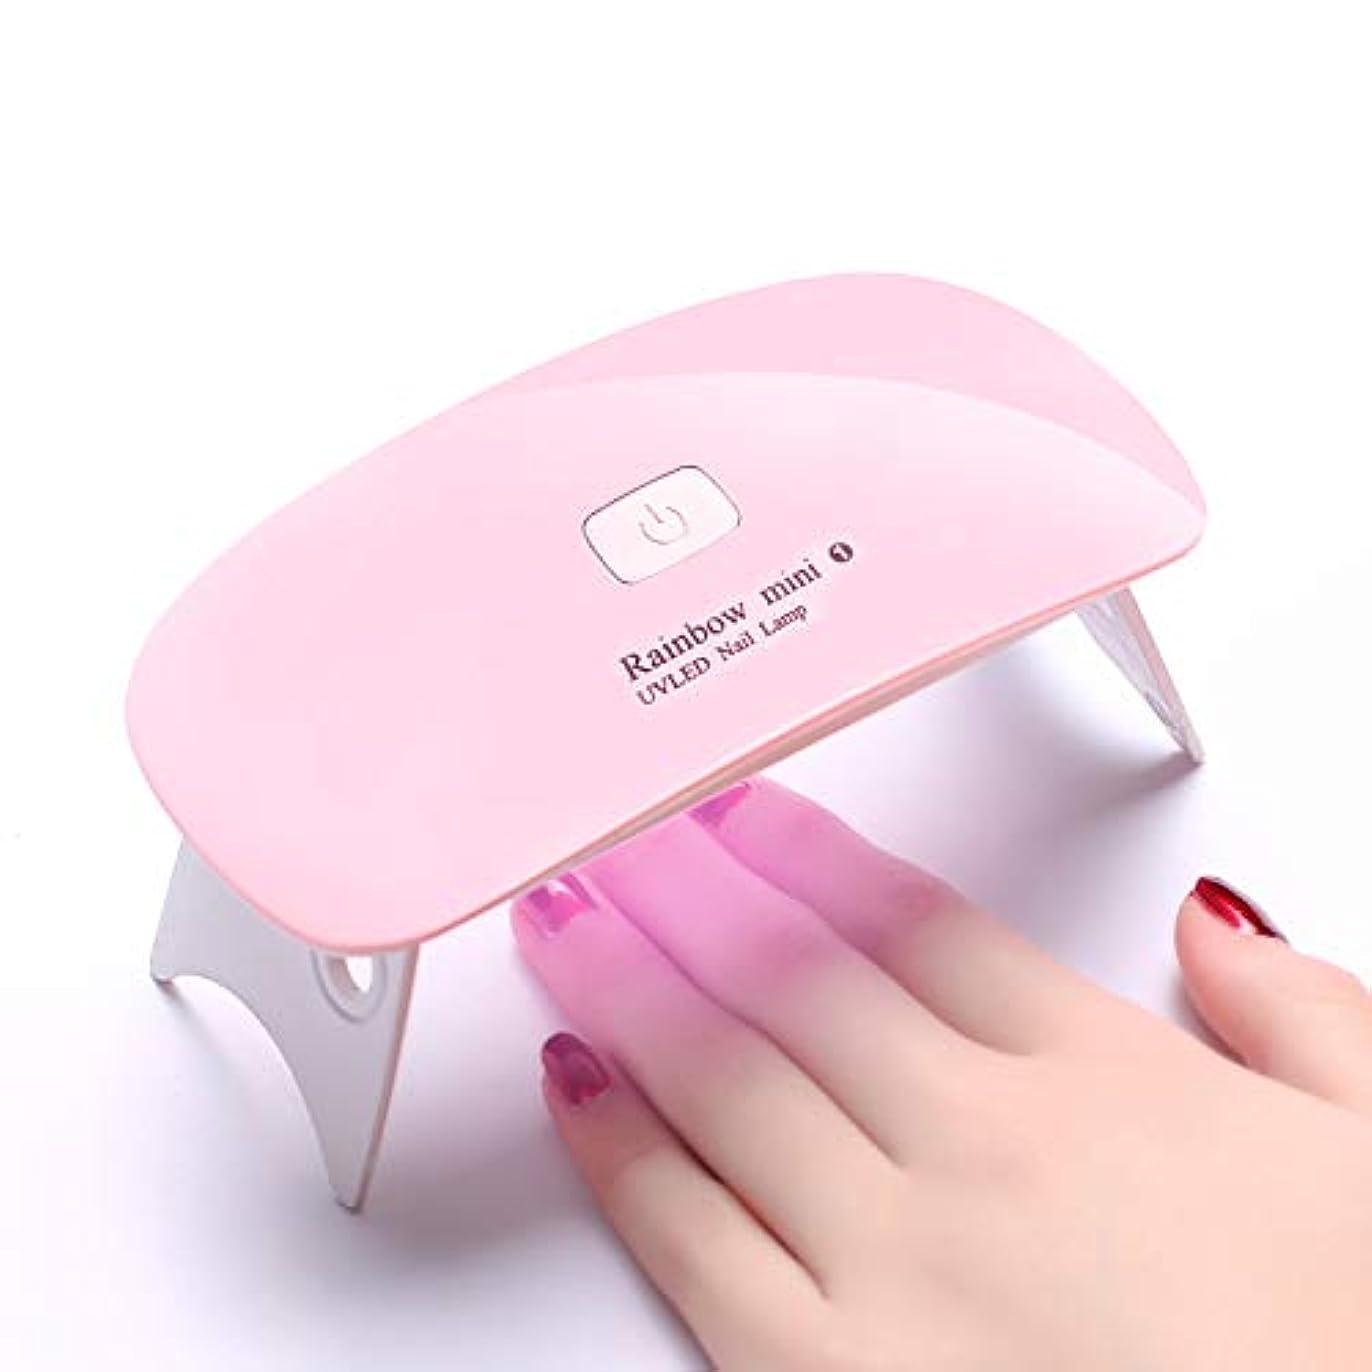 幅冷凍庫学校の先生LEDネイルドライヤー UVライトRaintern タイマー設定可能 折りたたみ式手足とも使える 人感センサー式 LED 硬化ライト UV と LEDダブルライト ジェルネイル用 ピンク